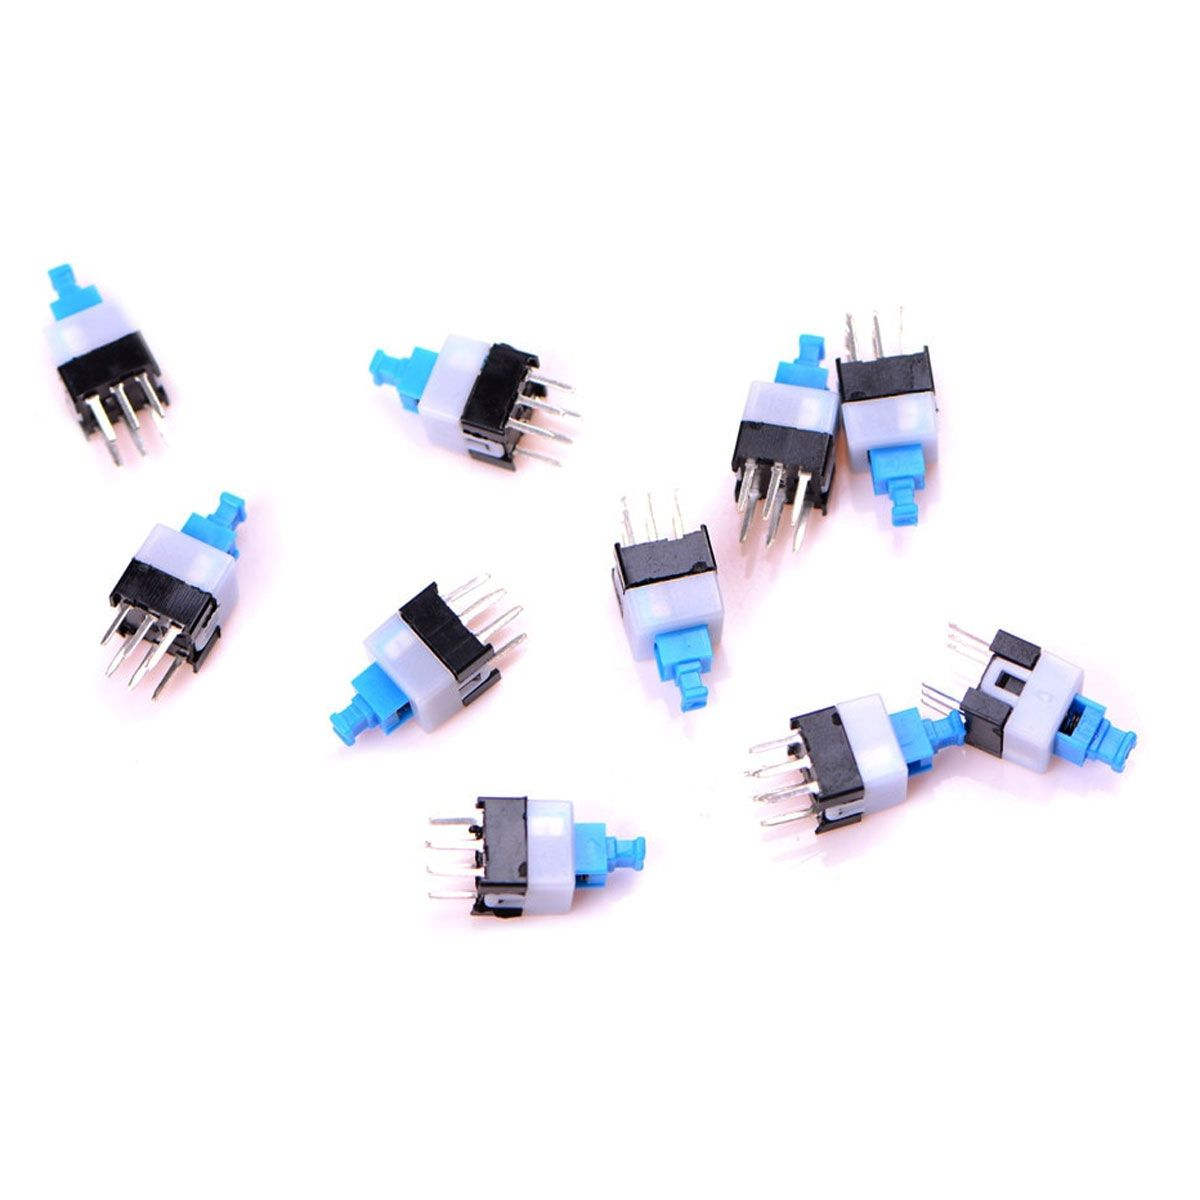 10x Chave Botão 7x7mm com Trava Azul 6 Terminais